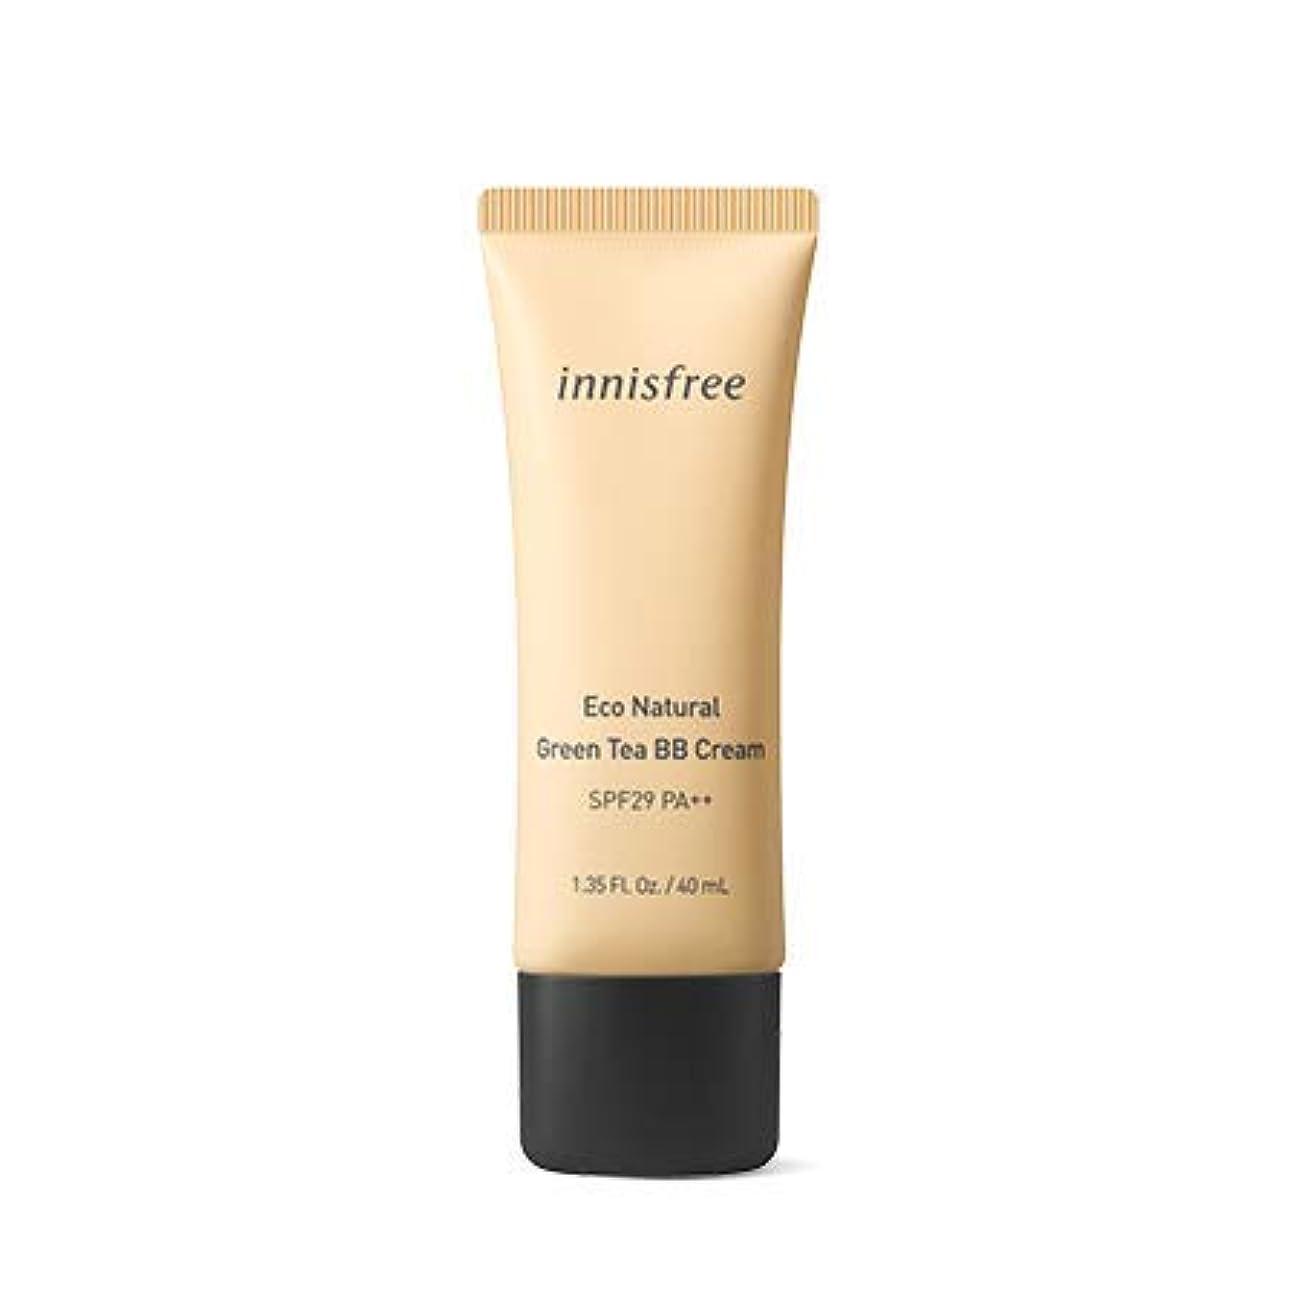 拡声器熟した永久[イニスフリー.INNISFREE](公式)エコナチュラルグリーンティーBBクリームSPF29/ PA++40mL(「2019新製品)/ ECO NATURAL GREEN TEA BB CREAM (#1 華やかなしっとり肌/Brilliant moist skin)